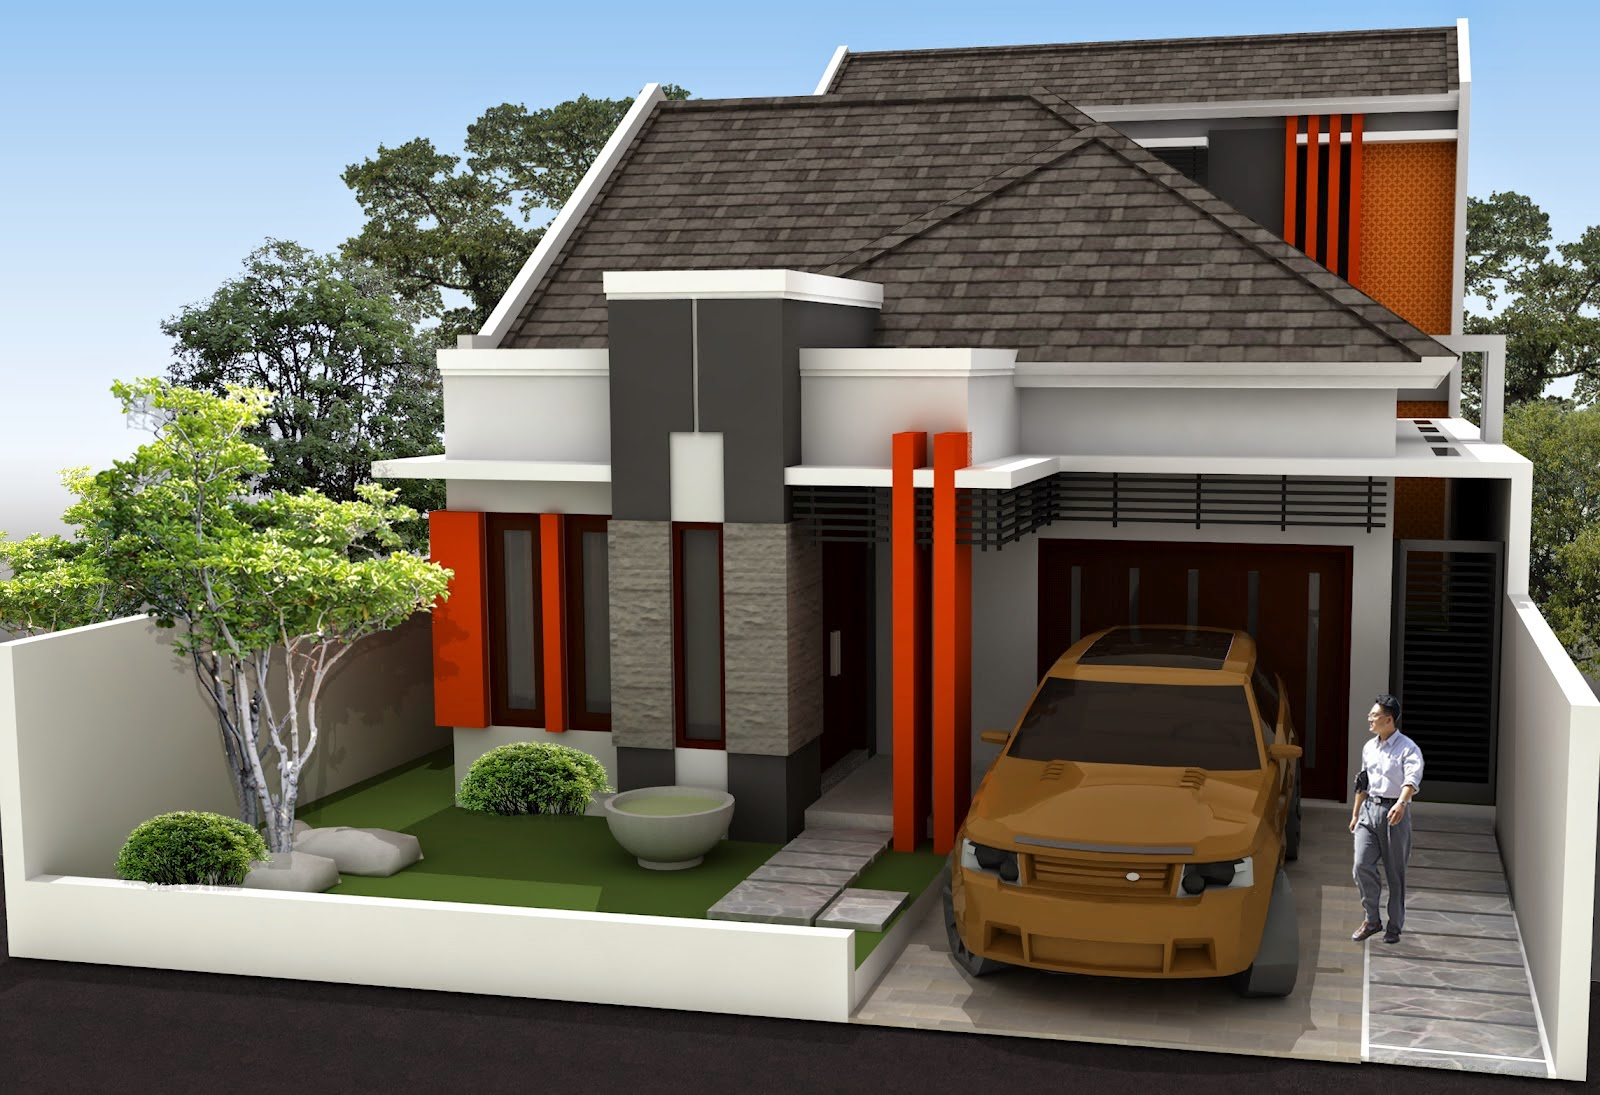 desain eksterior rumah minimalis terbaru tahun ini